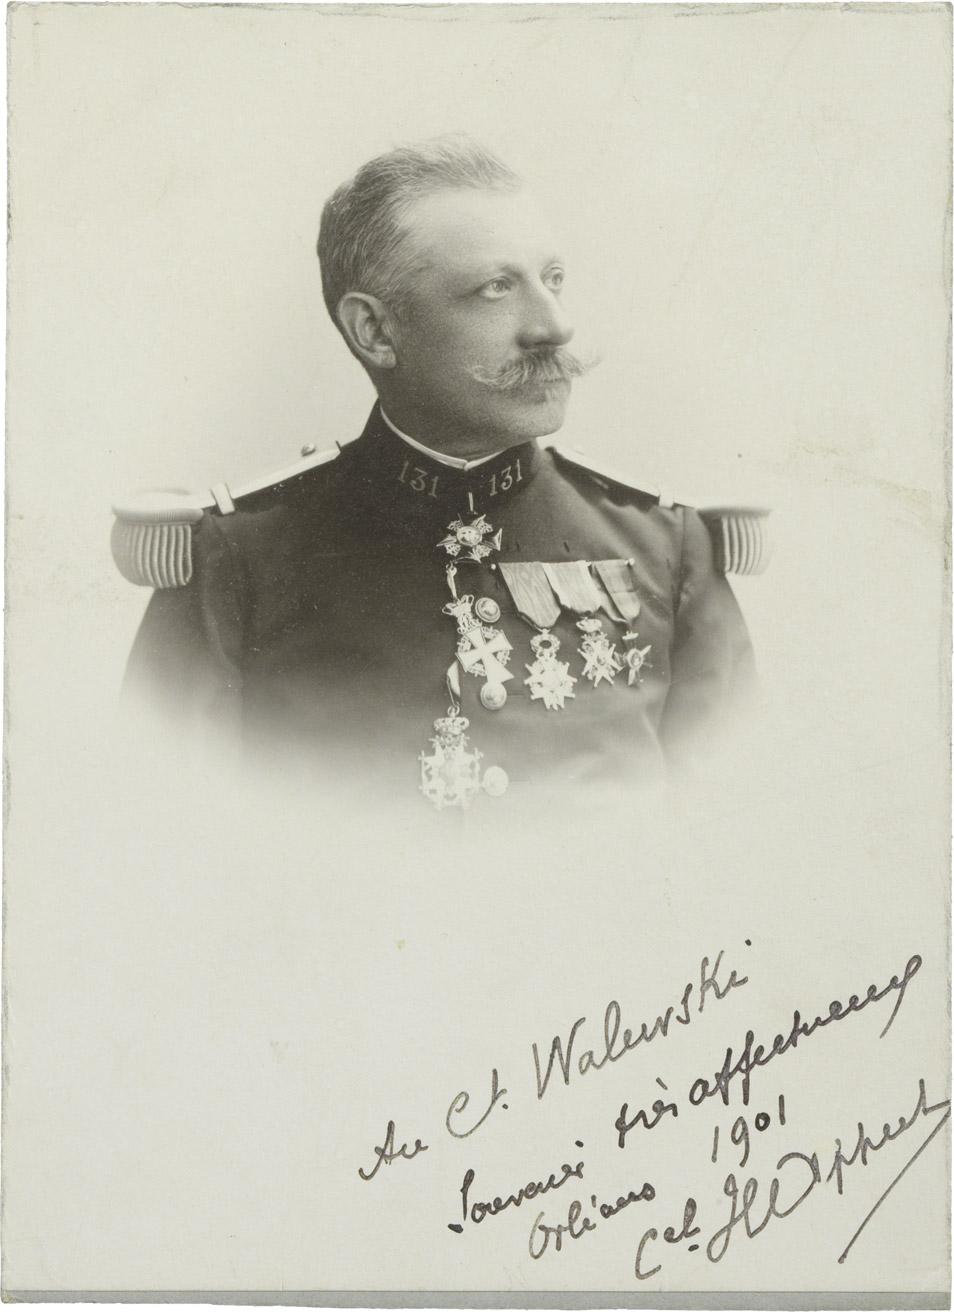 Photographie du colonel Happert dédicacée au comte Walewski - Patrimoine Charles-André COLONNA WALEWSKI, en ligne directe de Napoléon